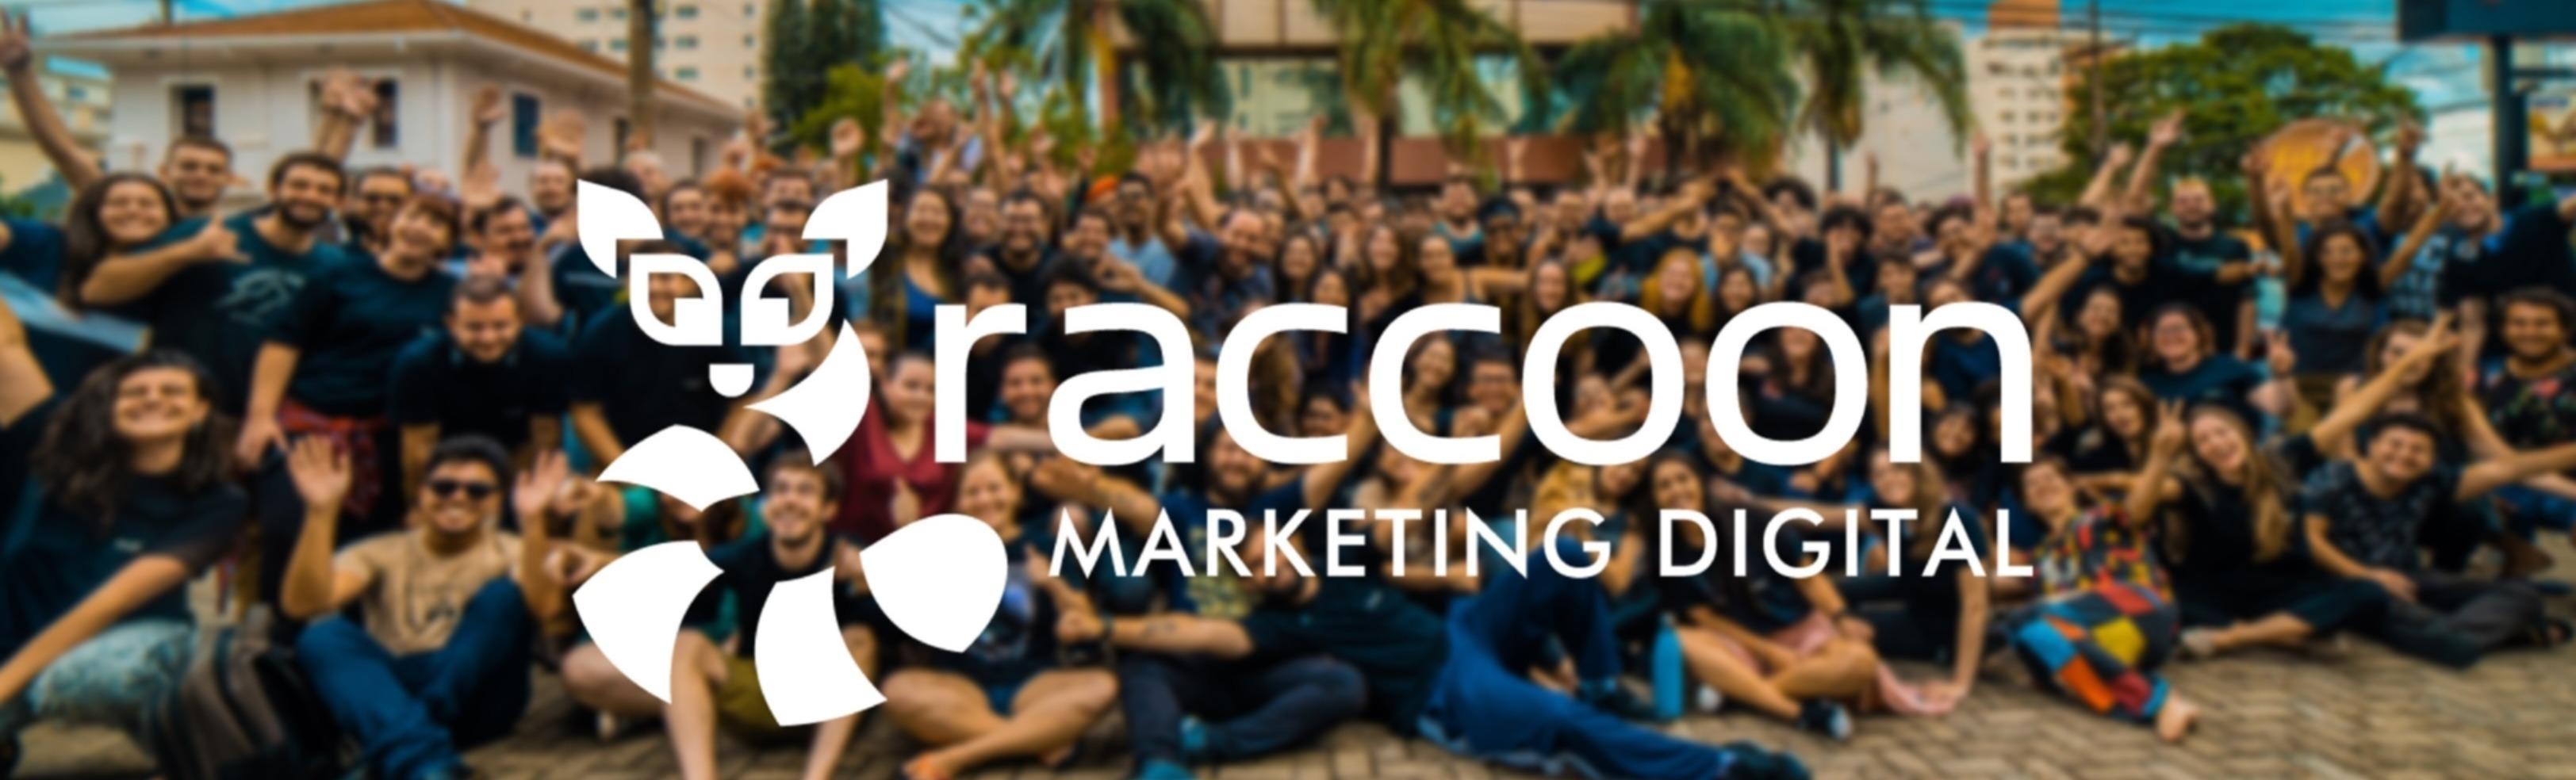 Raccoon Marketing Digital